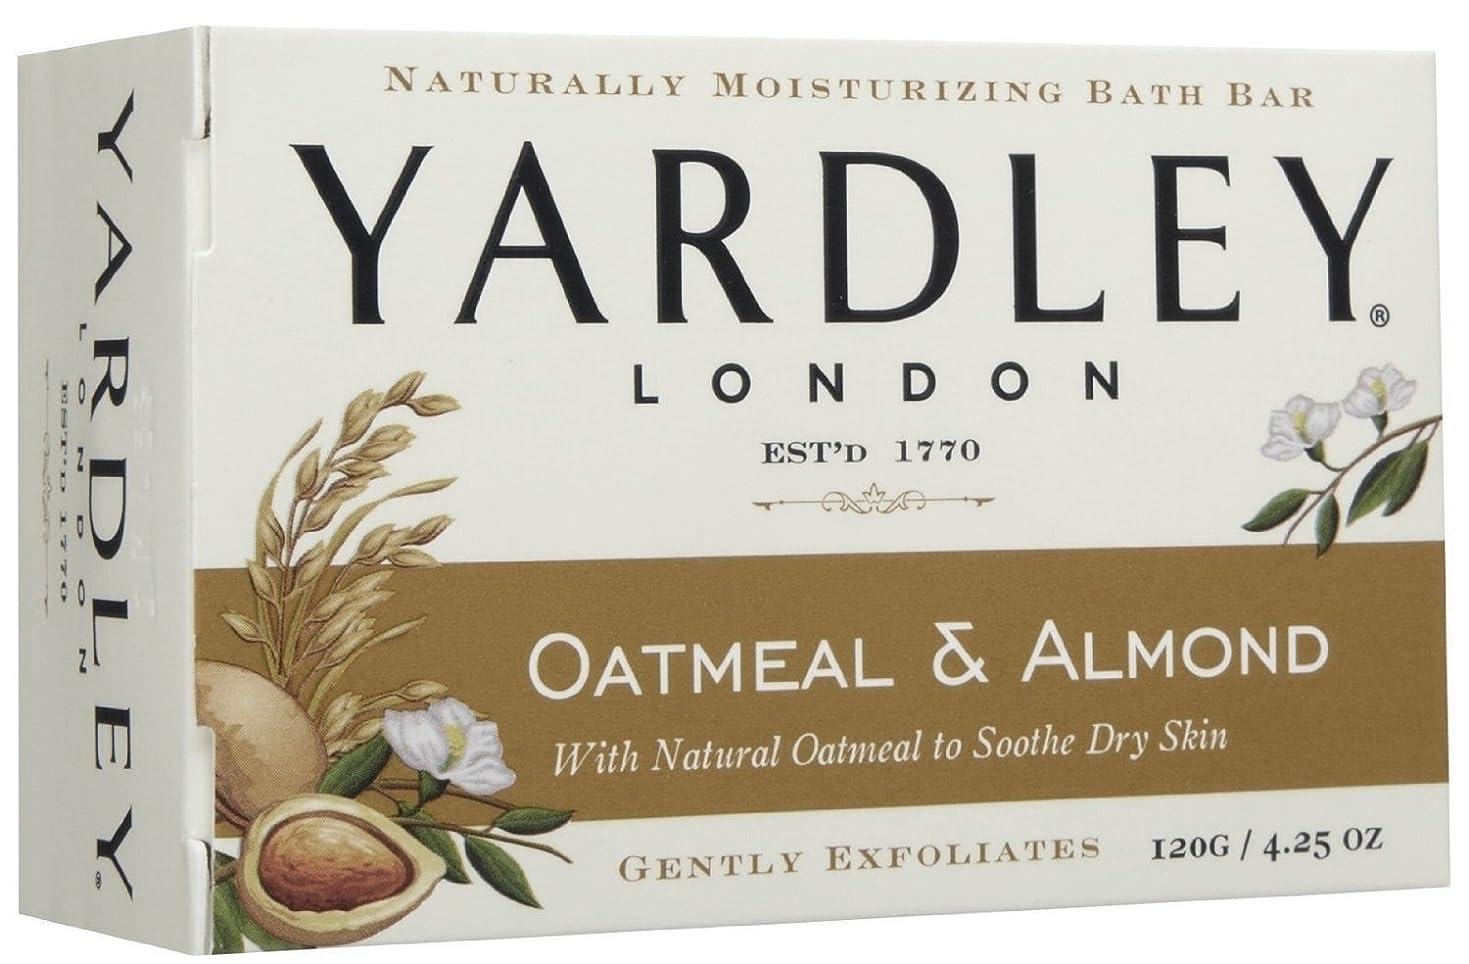 メタルライン彼自身欲求不満Yardley London (ヤードリー ロンドン) オートミール&アーモンド モイスチャライズ バス ソープ 120g [並行輸入品]